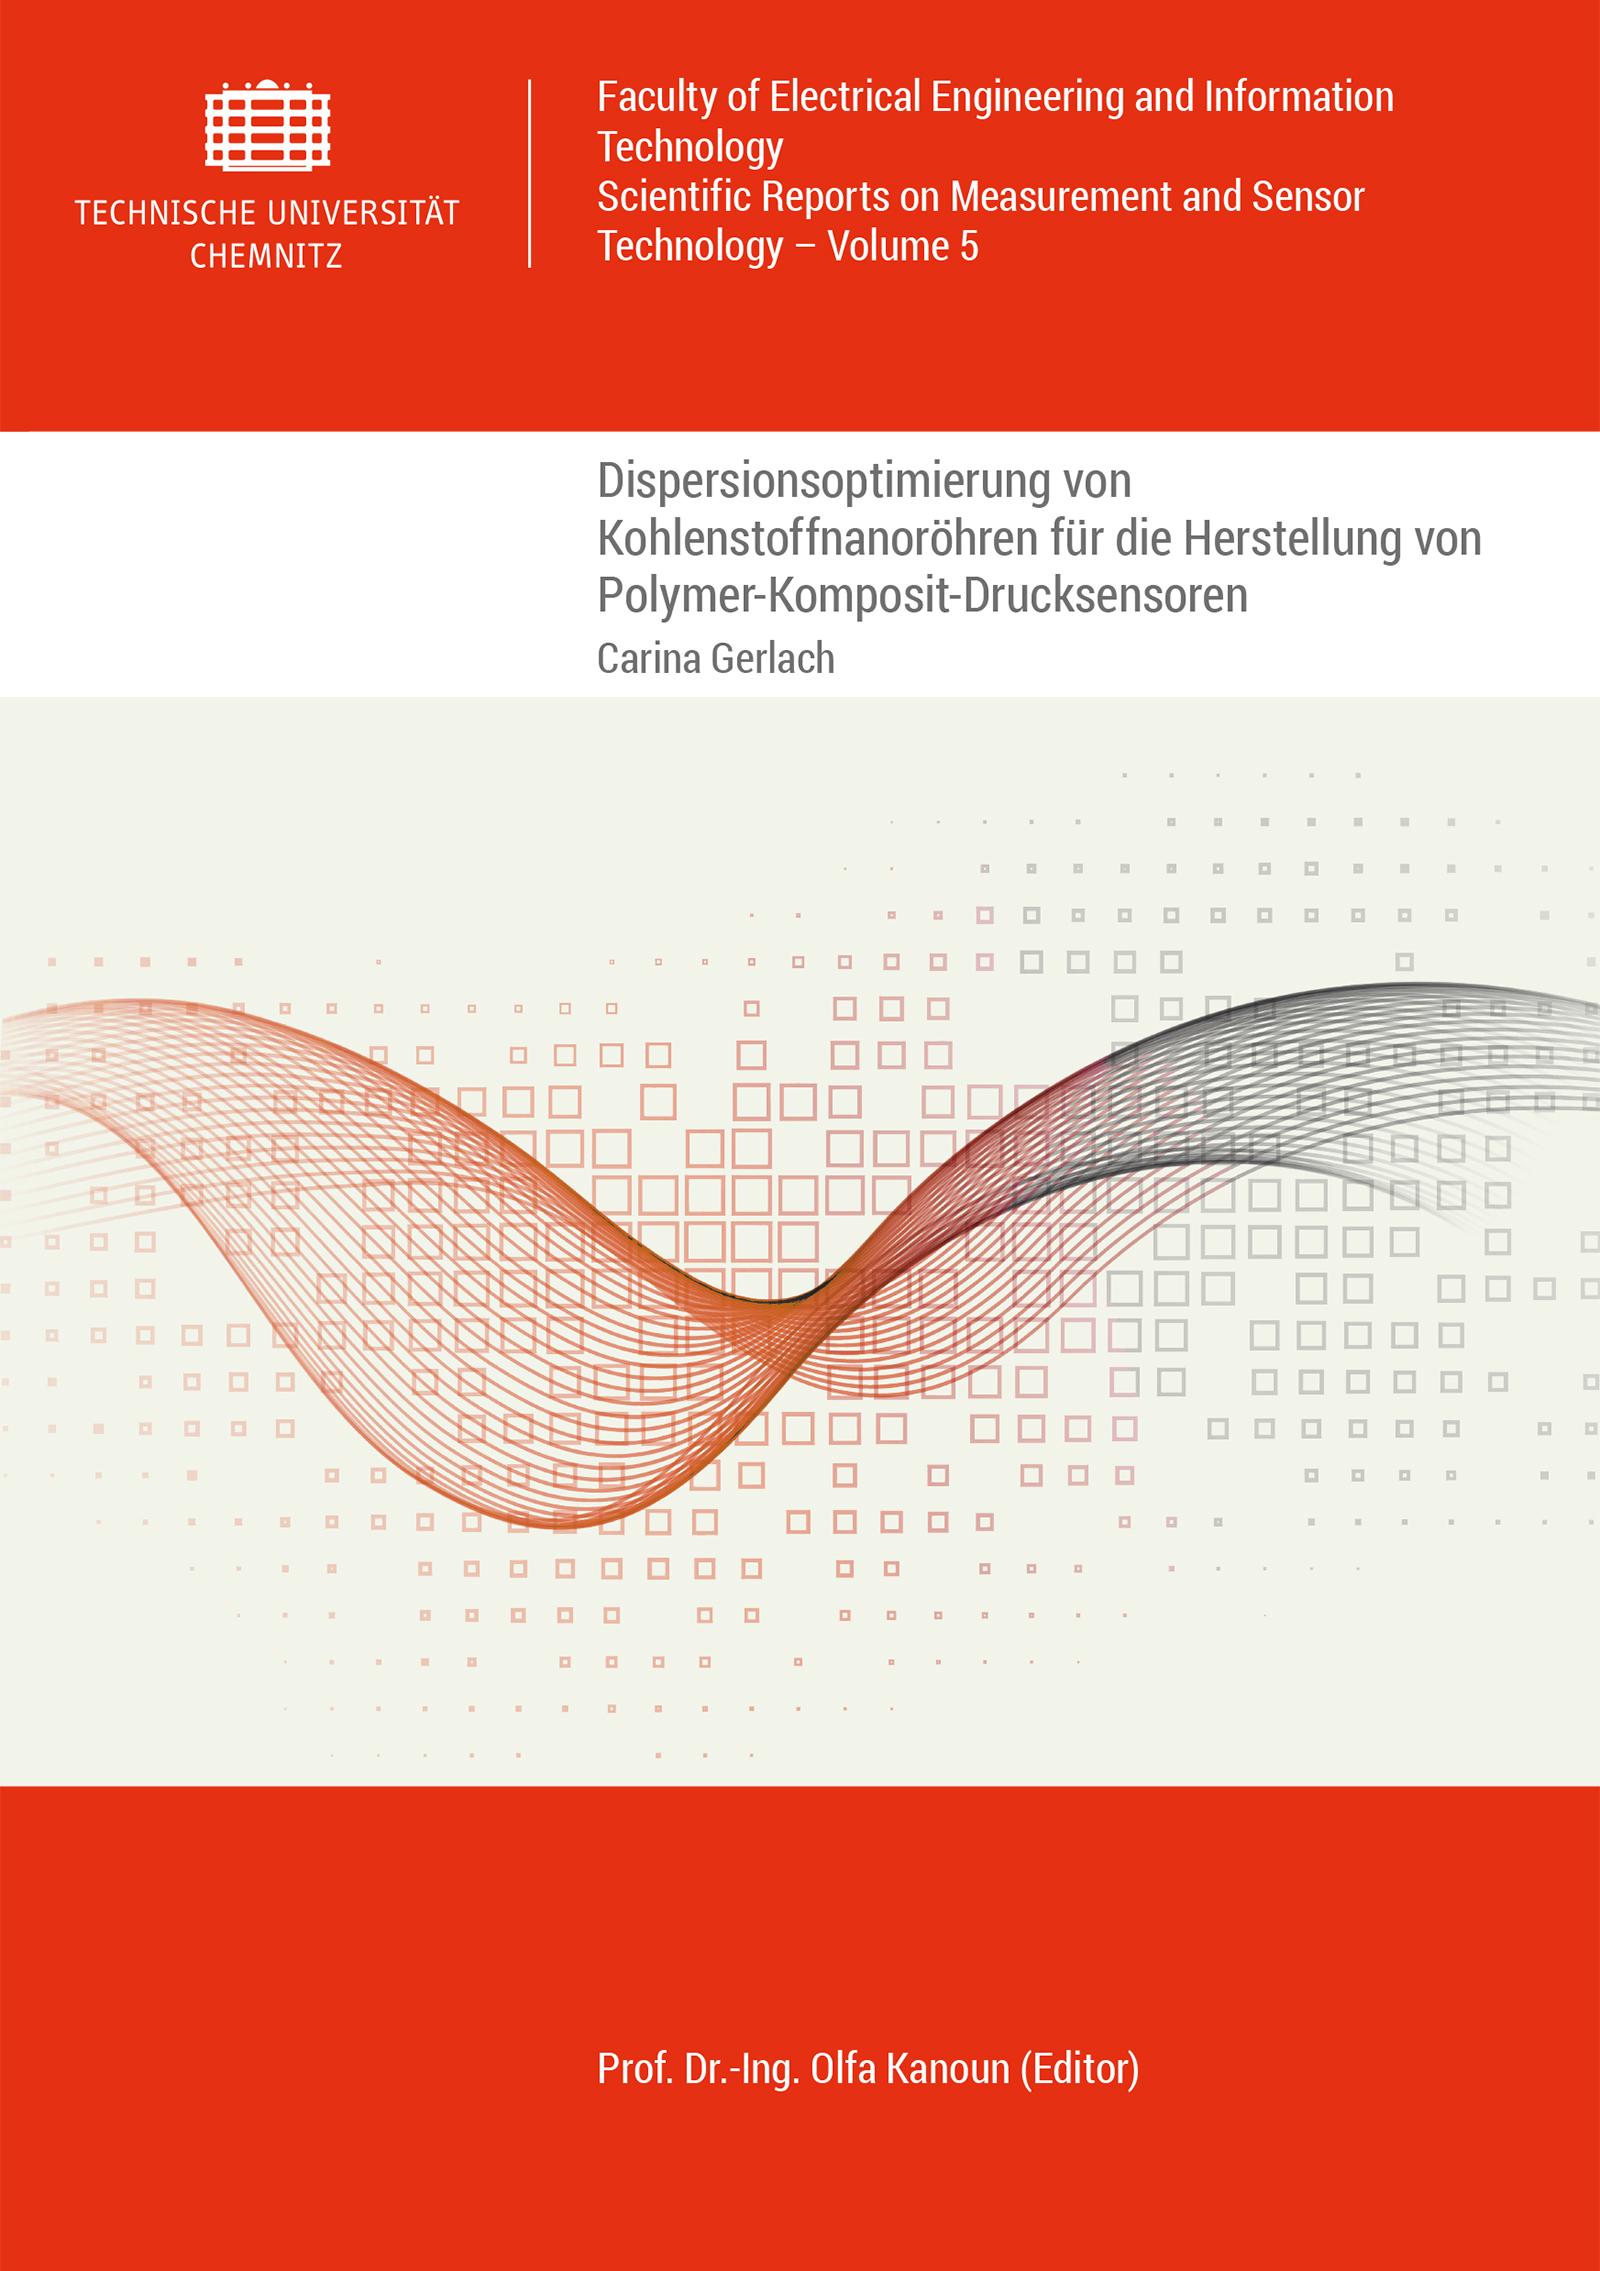 Cover: Dispersionsoptimierung von Kohlenstoffnanoröhren für die Herstellung von Polymer-Komposit-Drucksensoren